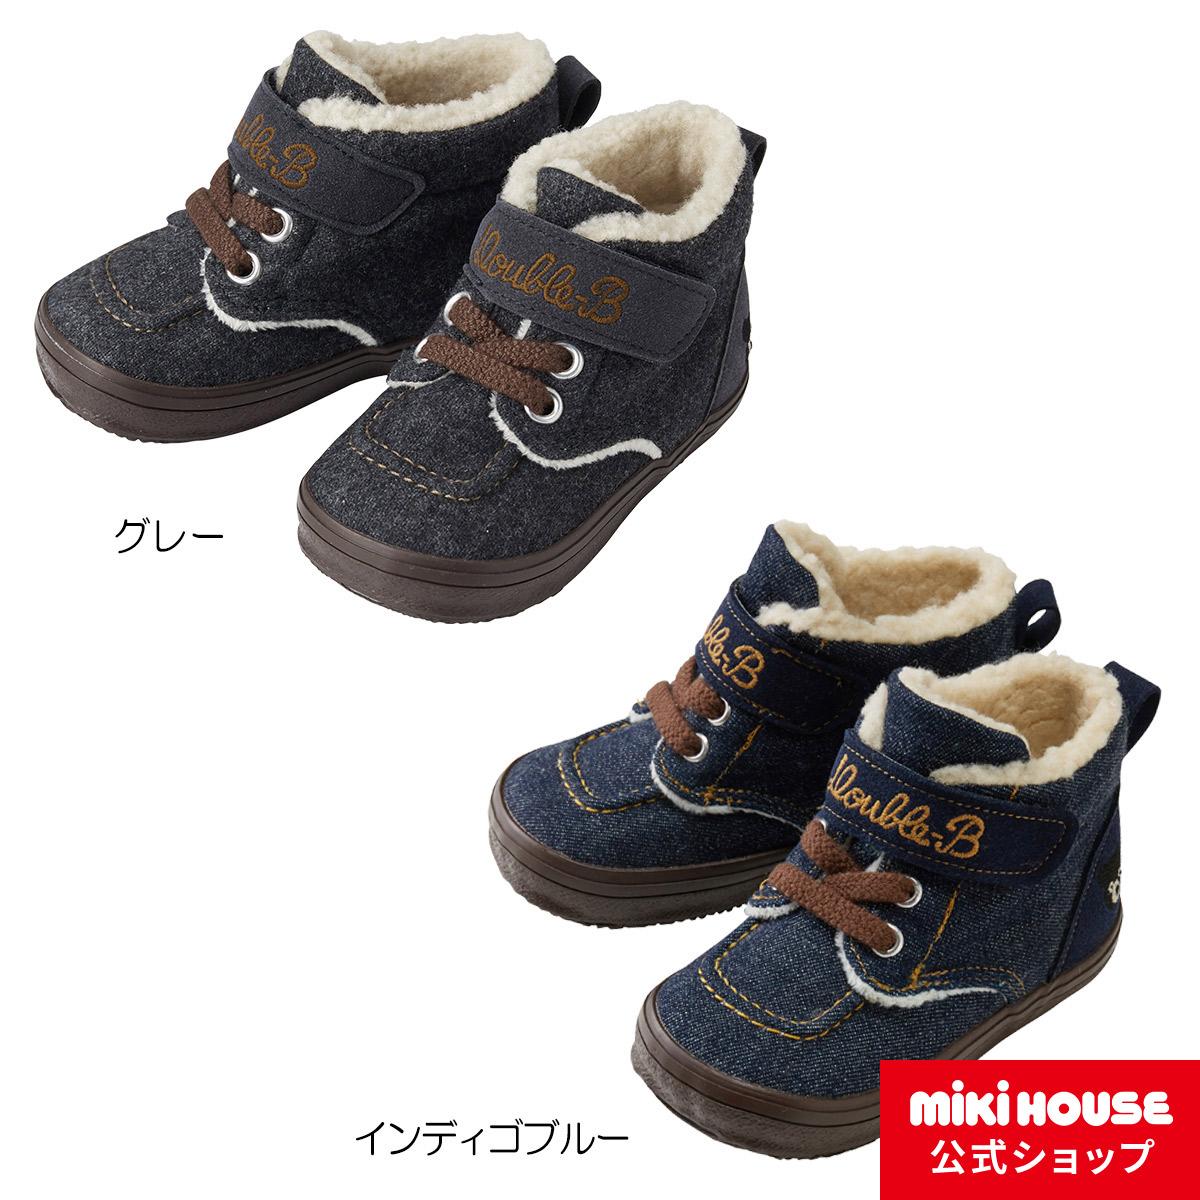 ミキハウス ダブルビー mikihouse ベビーウィンターブーツ(13cm-18cm) ベビー 赤ちゃん 男の子 女の子 子供 こども 子ども 防寒